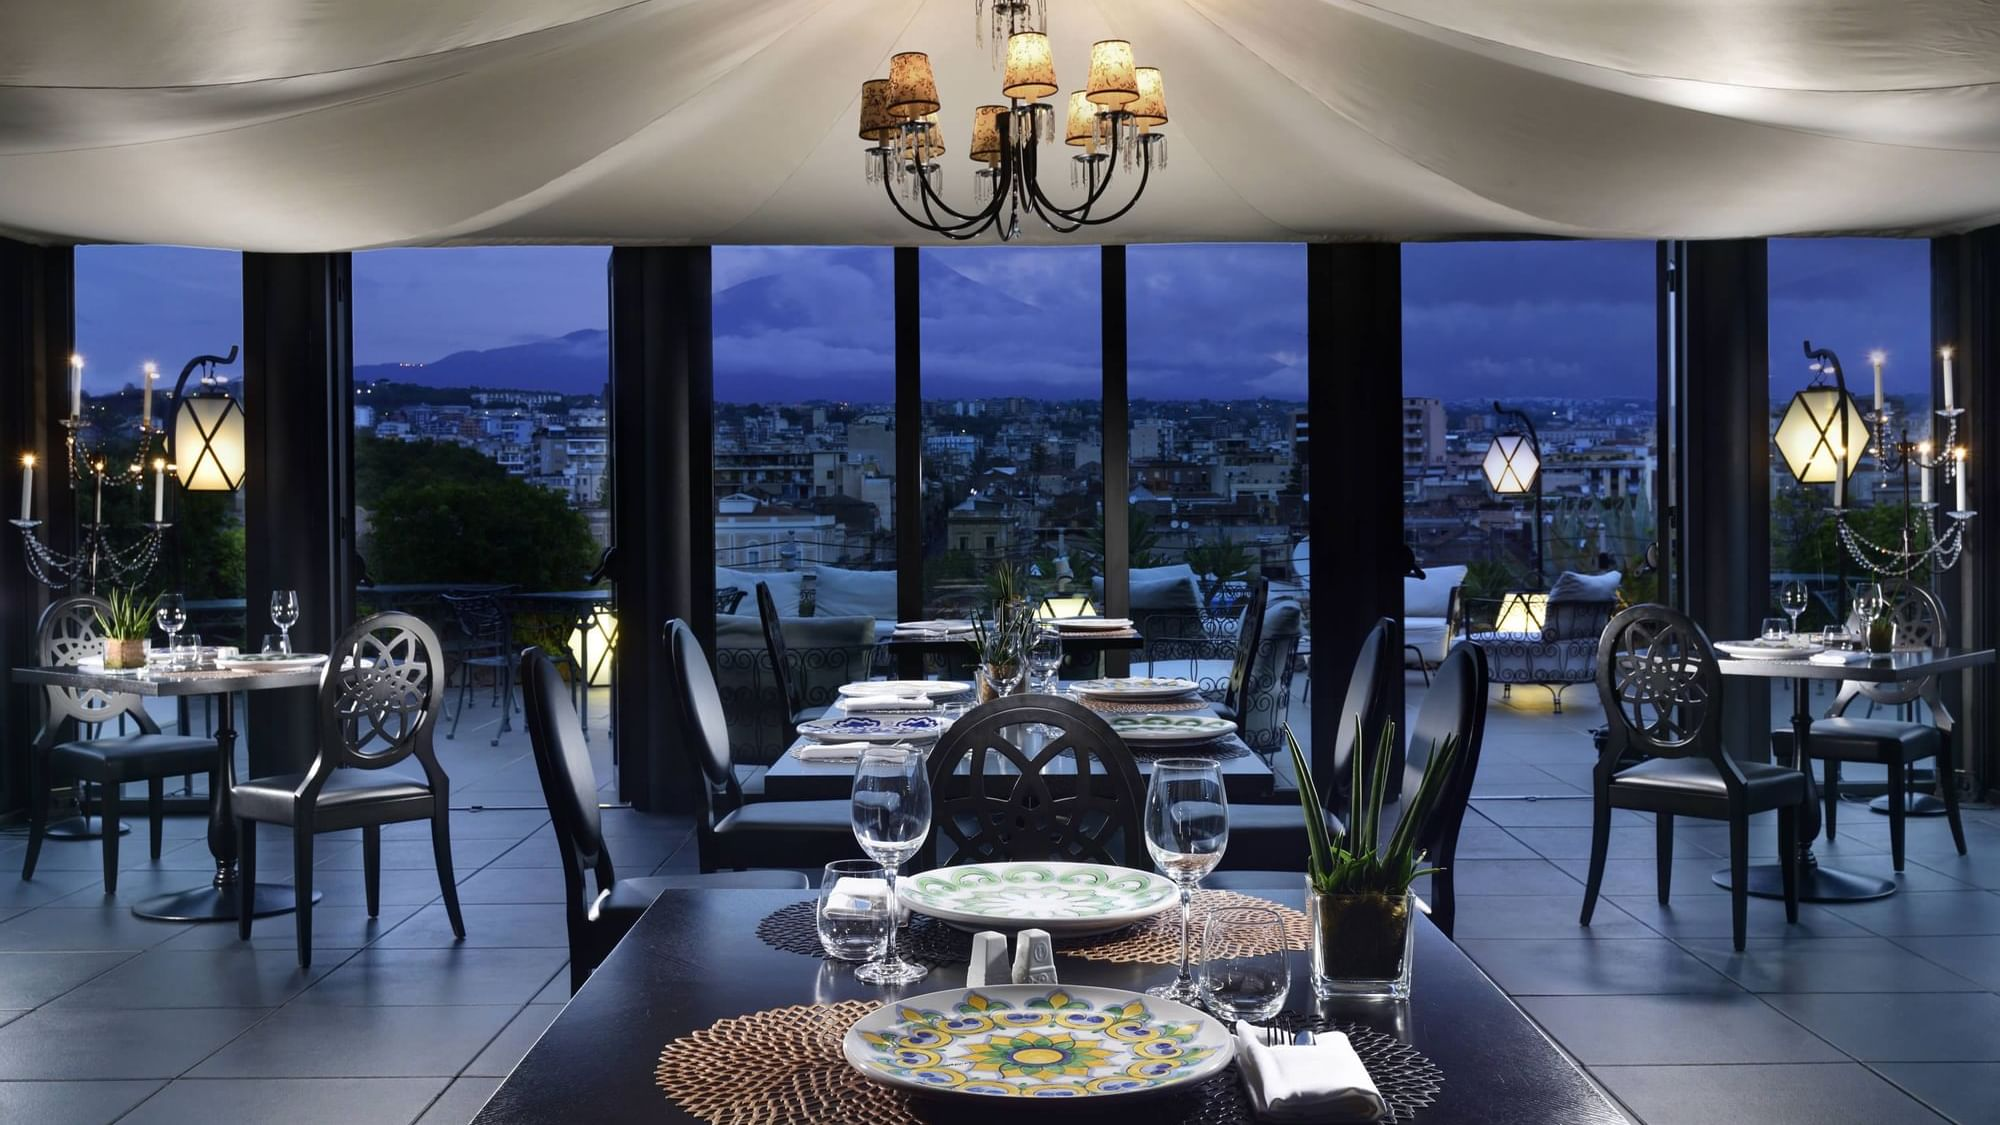 Ristorante Catania: Etnea Roof Bar & Restaurant by